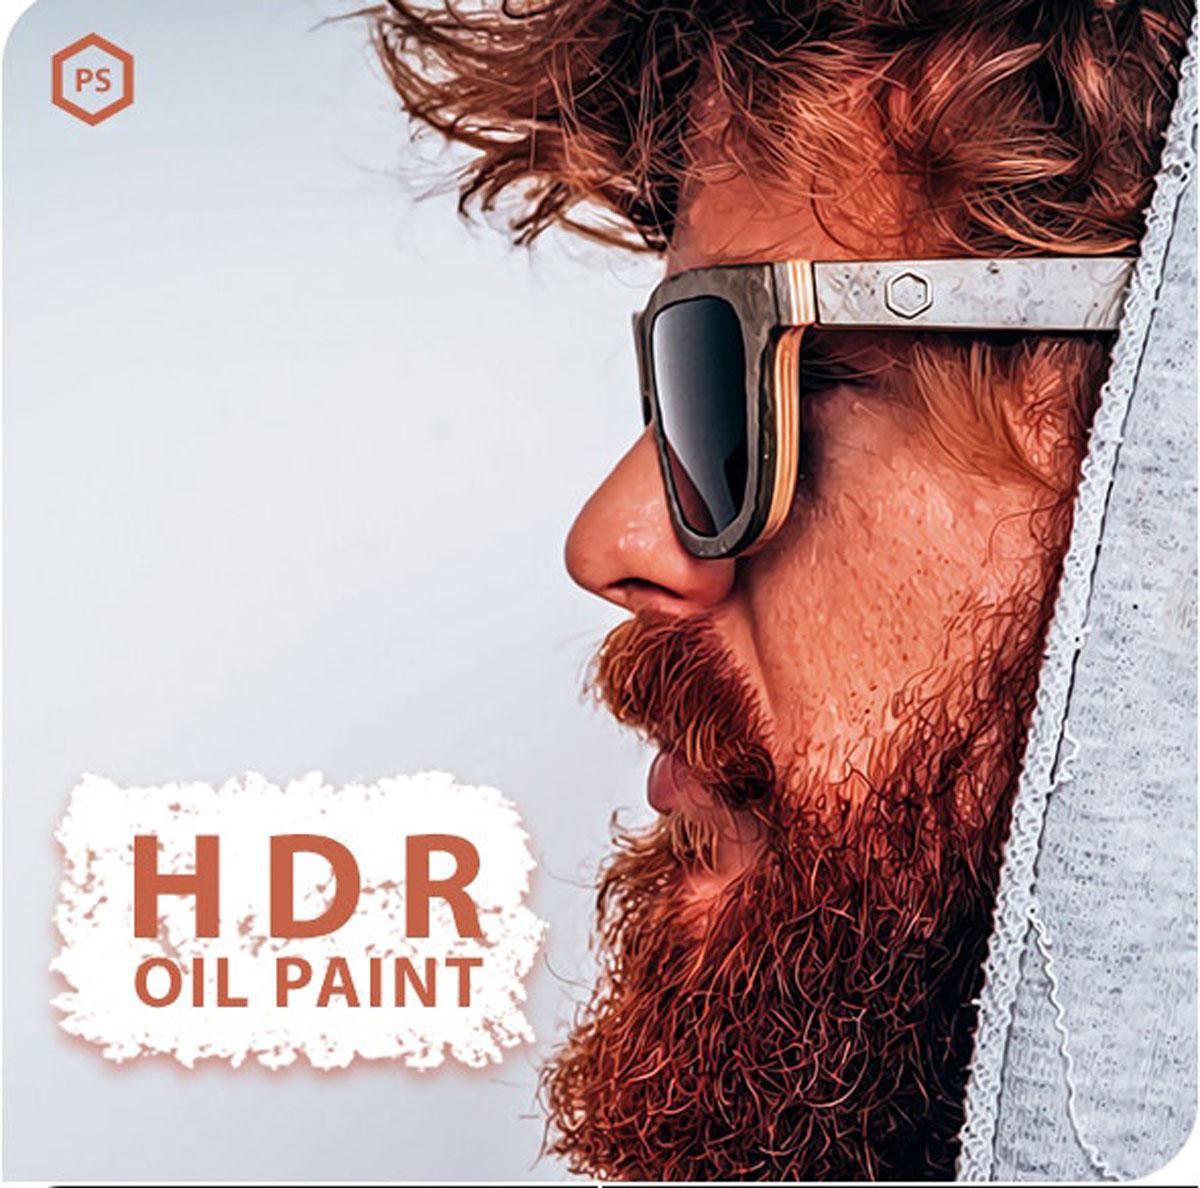 HDR Oil Paint Photoshop Action 26478208